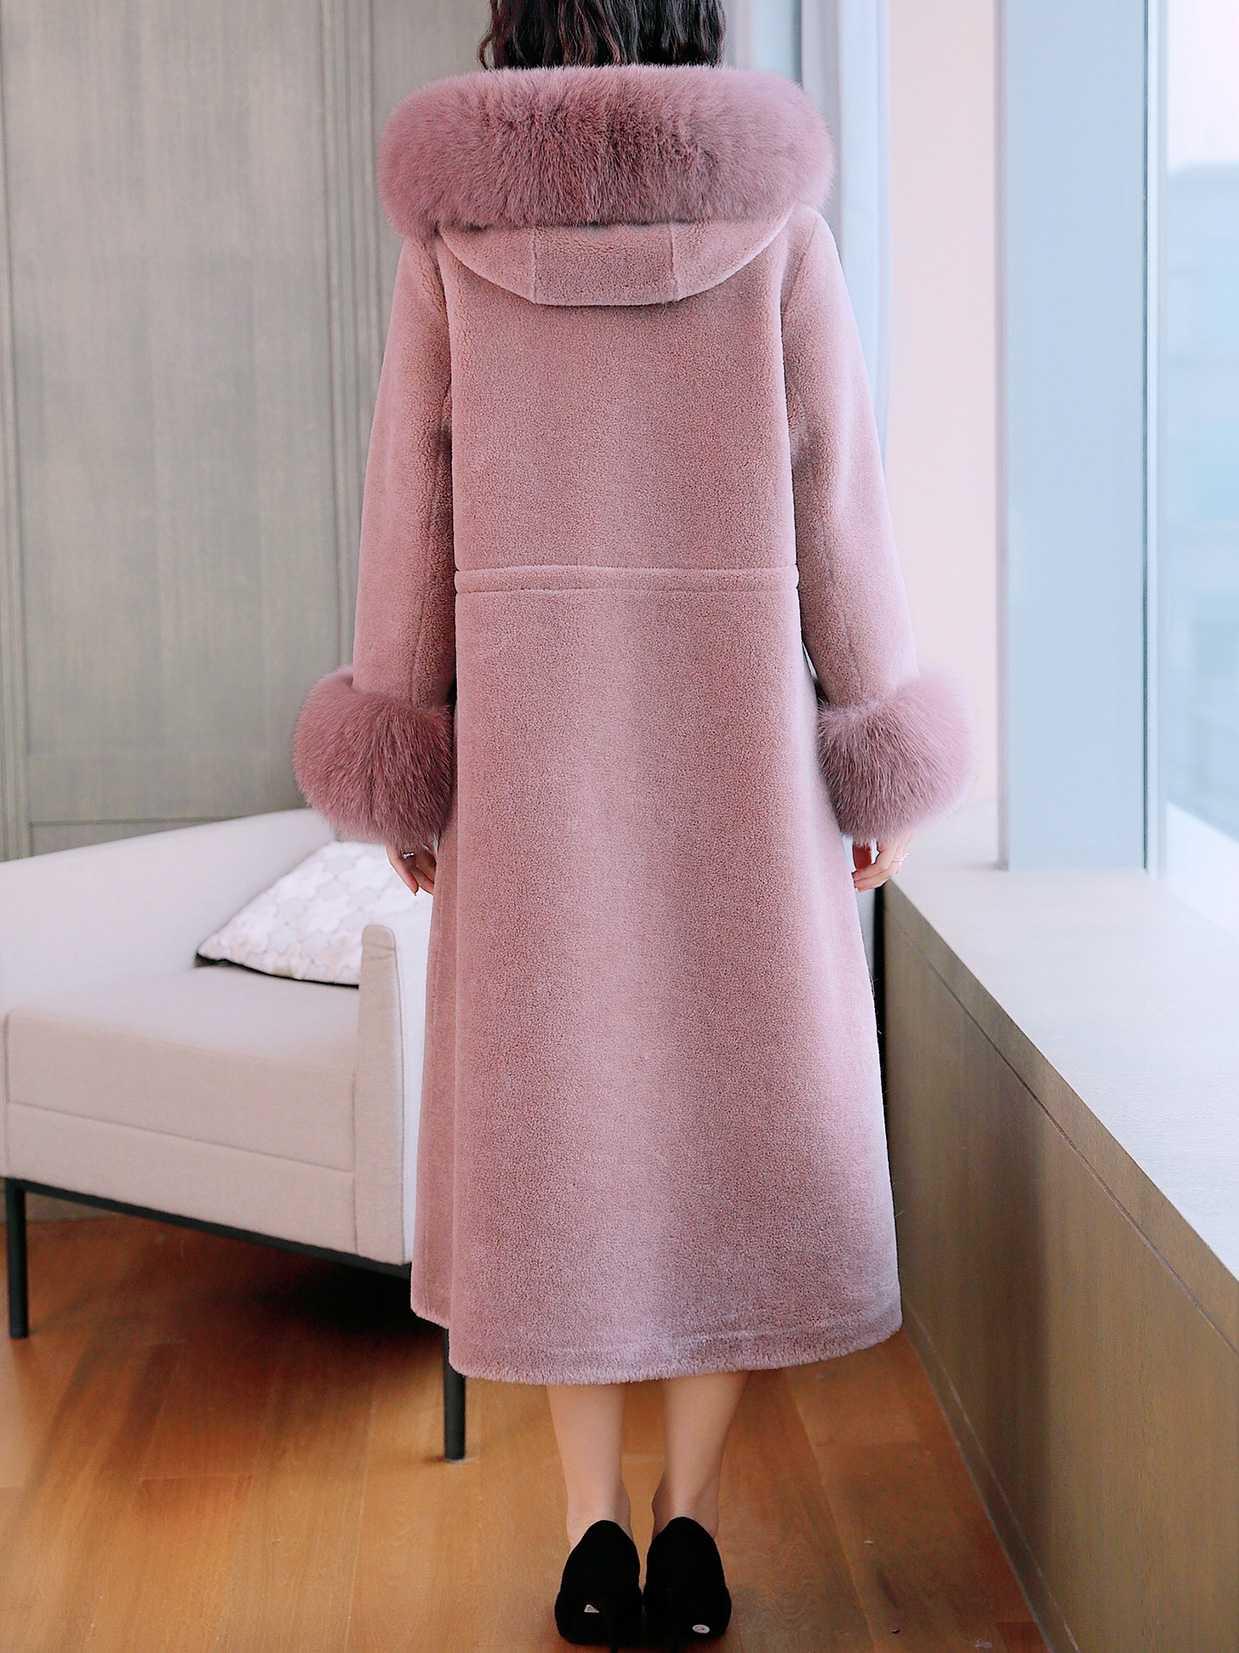 AYUNSUE Echt Schafe Lammfell Pelzmantel Weibliche Fuchs Pelz Kragen 100% Wolle Mäntel 2019 Winter Jacke Frauen Koreanische Lange Mantel MY3658